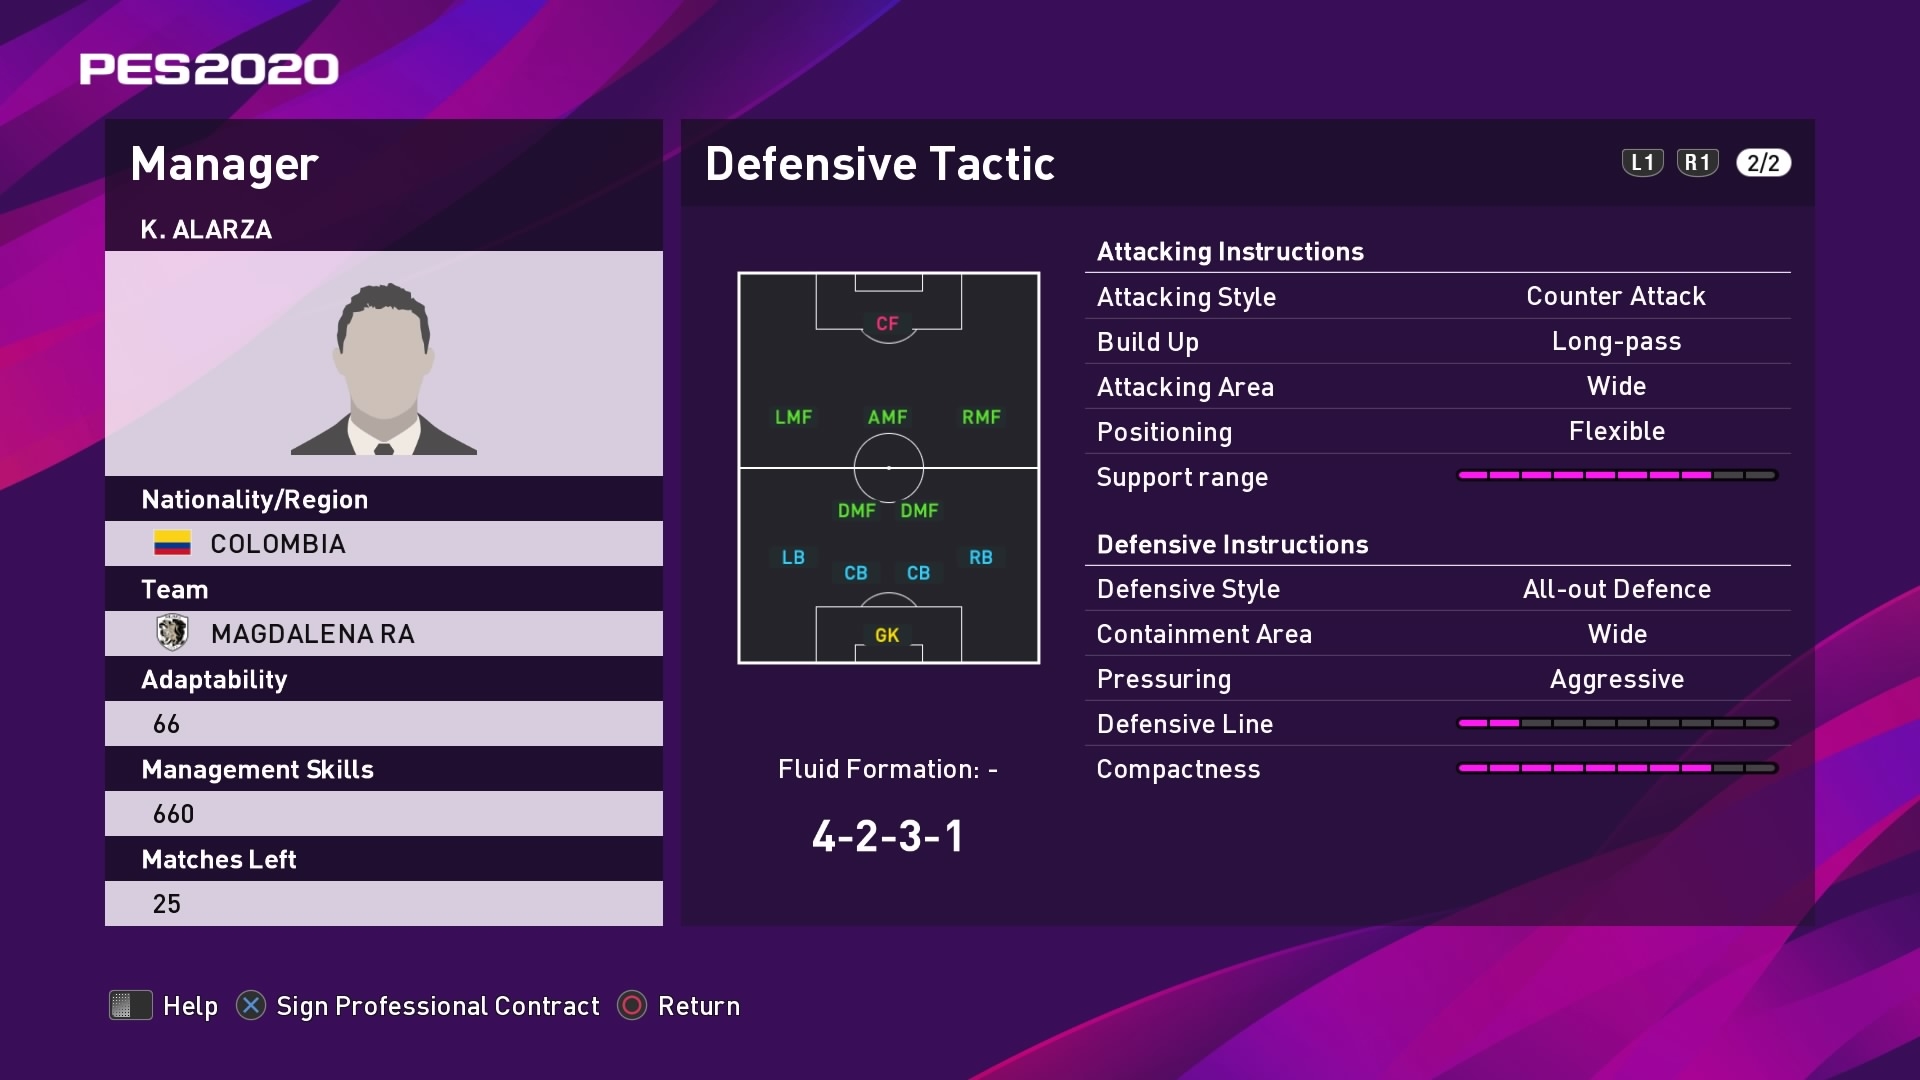 K. Alarza (Carlos Silva) Defensive Tactic in PES 2020 myClub